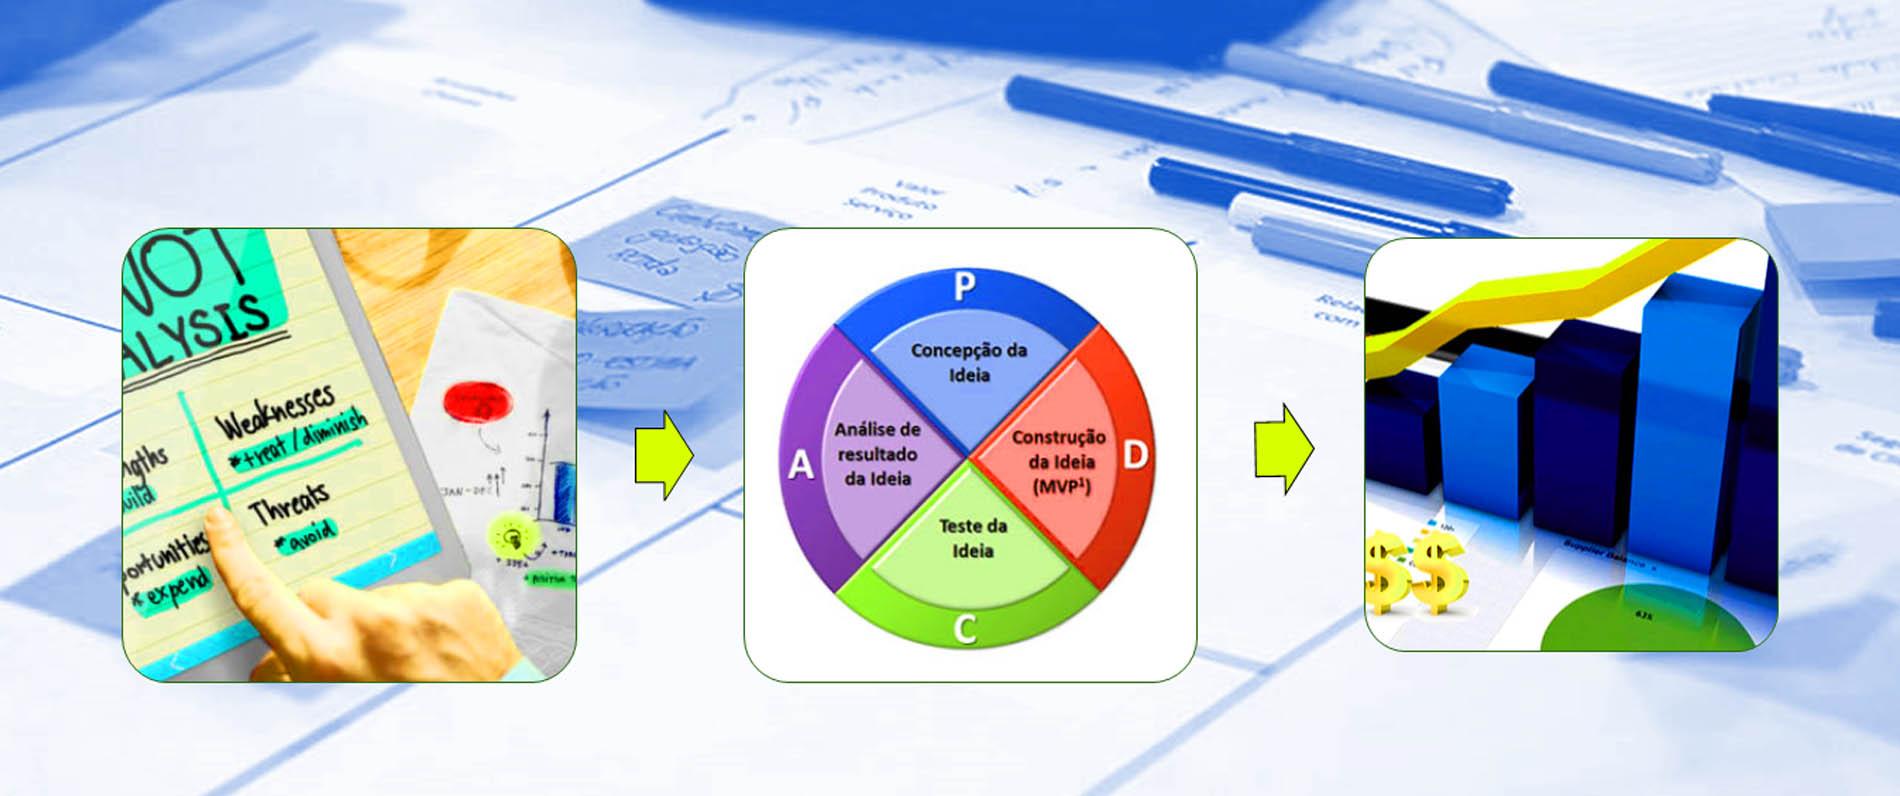 Planejamento estratégico lean startup